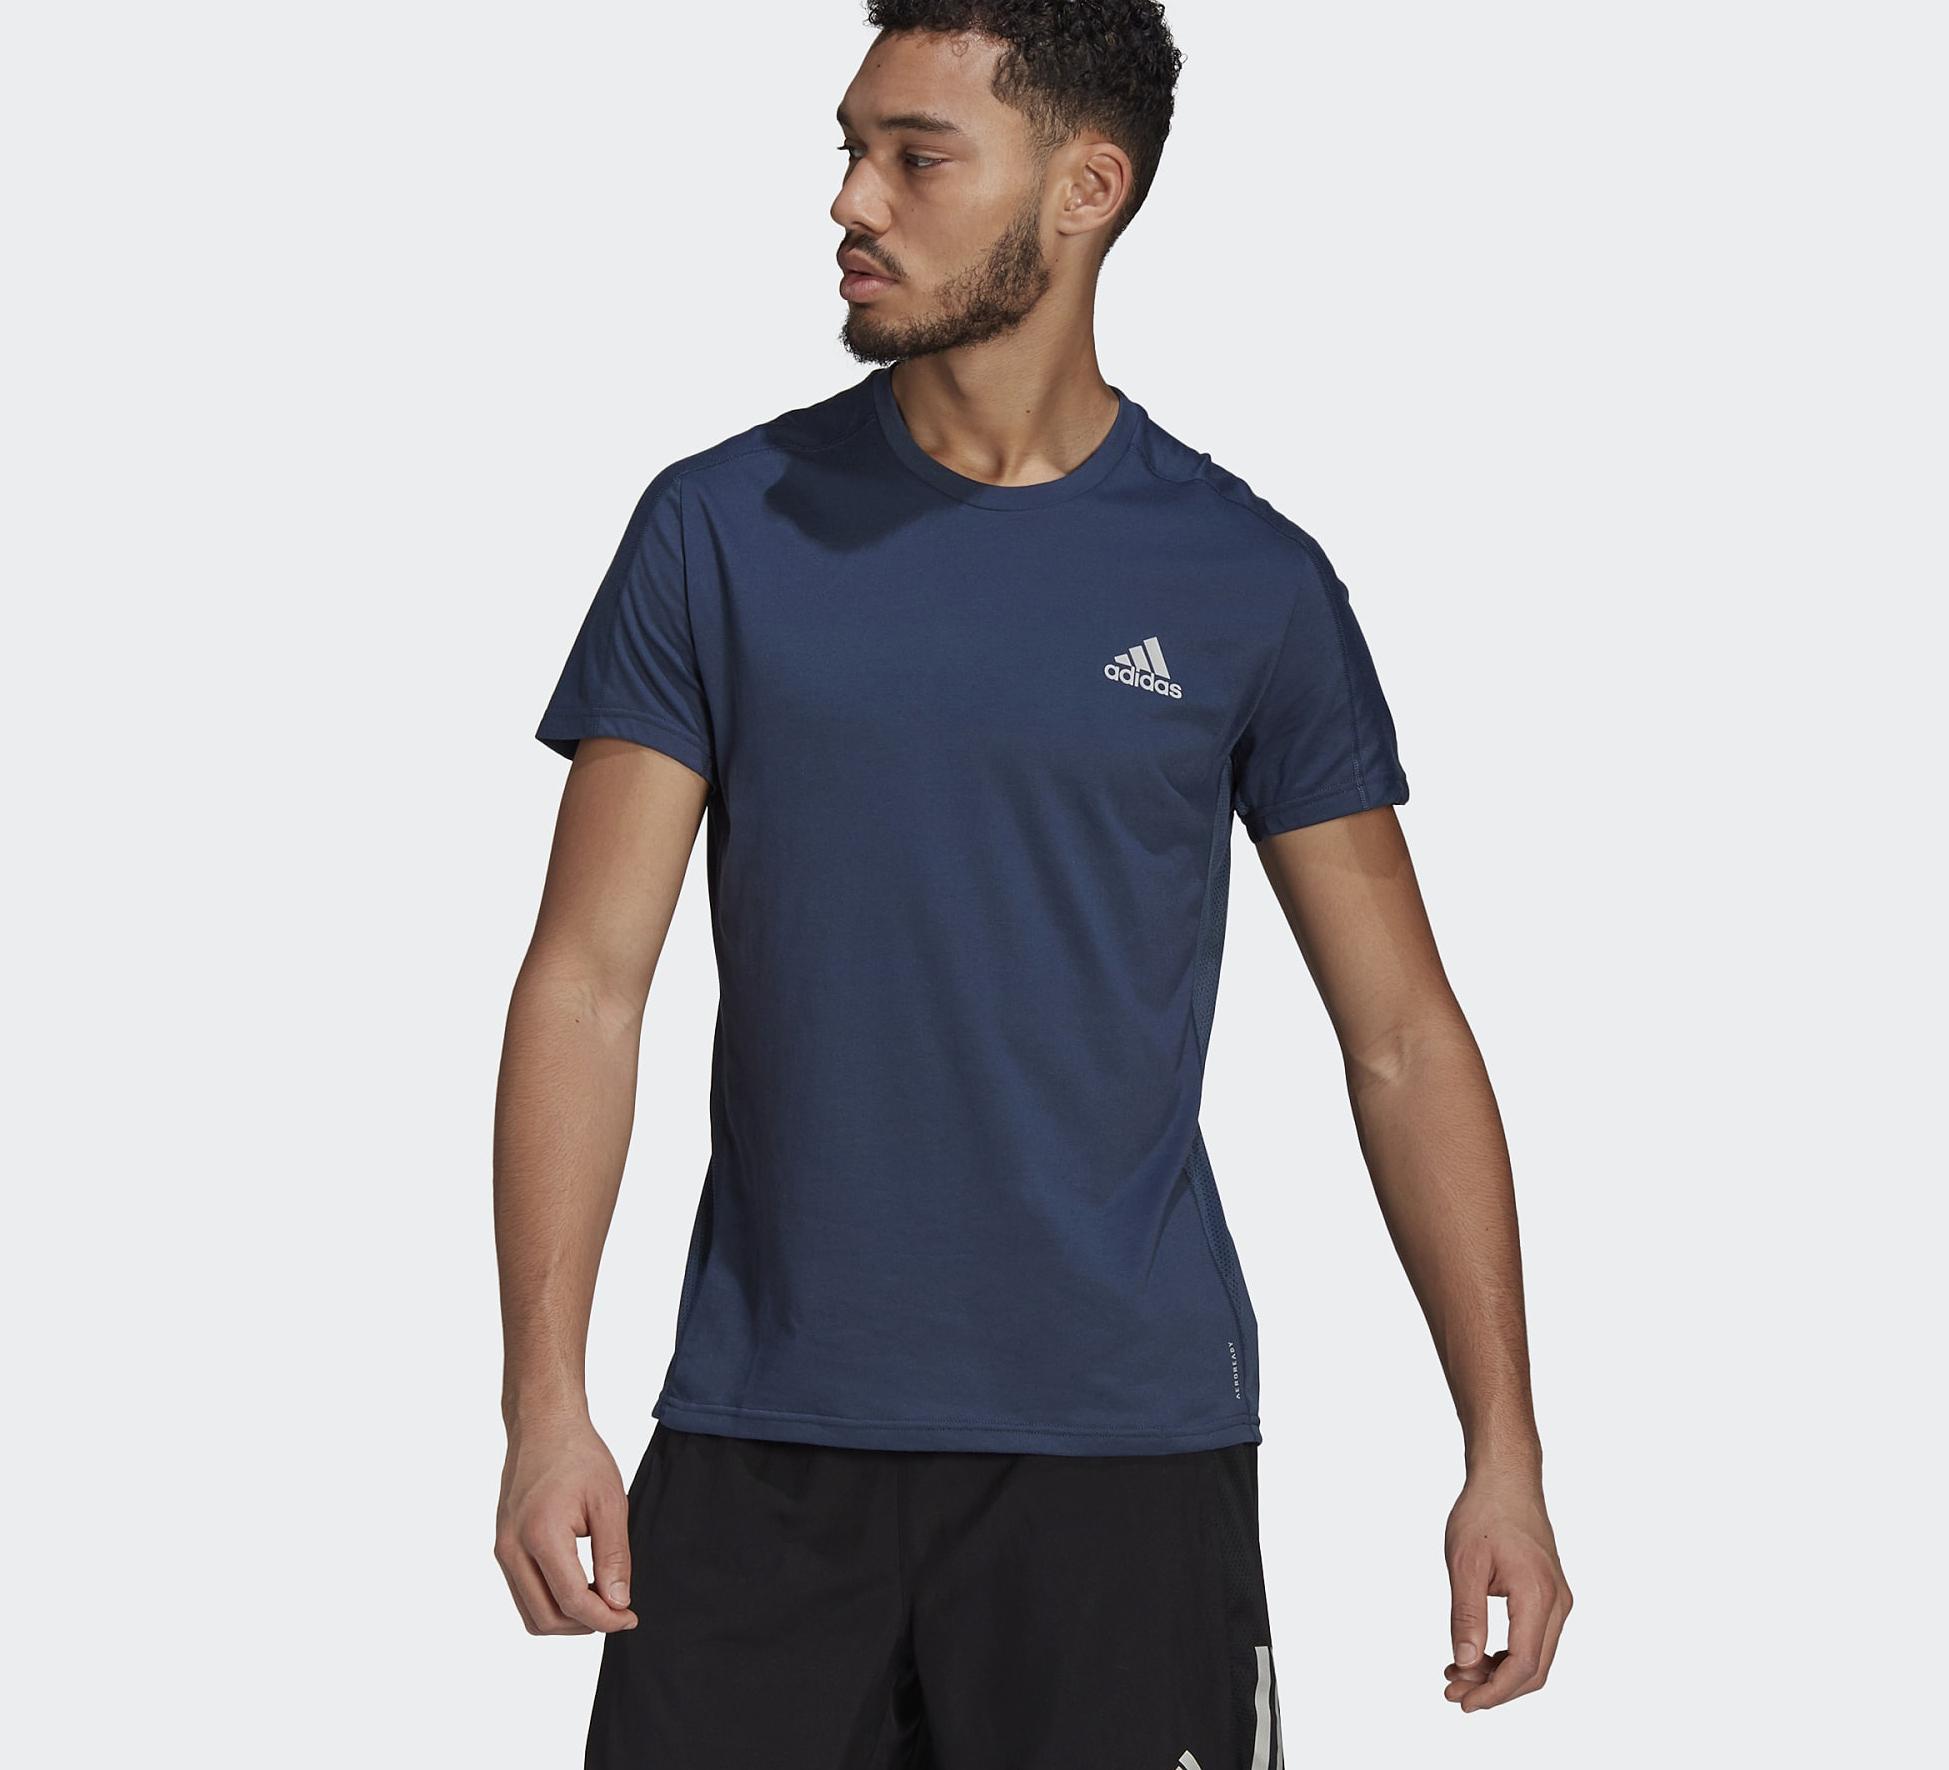 Áo Adidas Own The Run Soft Tee Blue GJ9936 màu xanh xám giảm còn 550.000 đồng (giá gốcc 1,1 triệu đồng); dạng cổ thuyền; chất liệu mềm mại và thoáng khí. Áo này không được tẩy, sấy khô chỉ ở nhiệt độ thấp, không giặt khô, không ủi, có thể giặt với nước ấm.